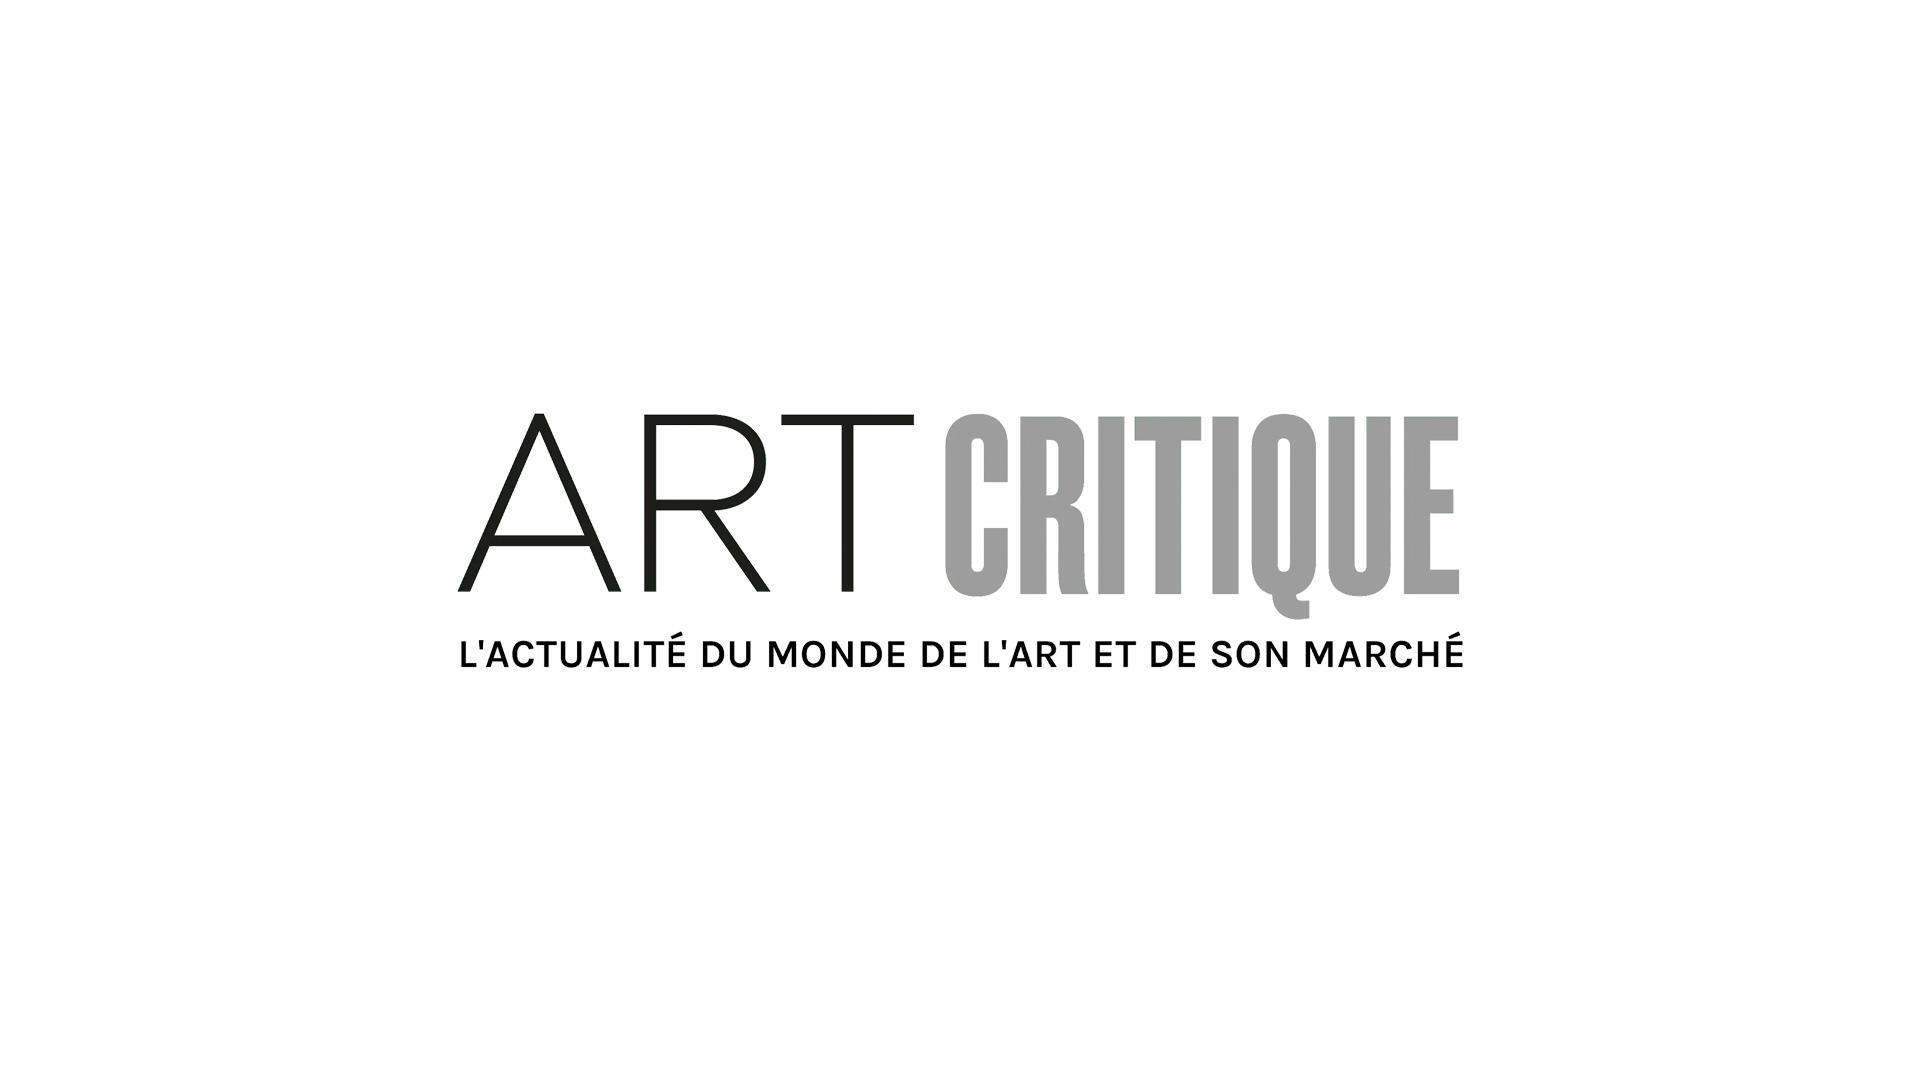 Les podcasts du Centre Pompidou : découvrir les œuvres autrement